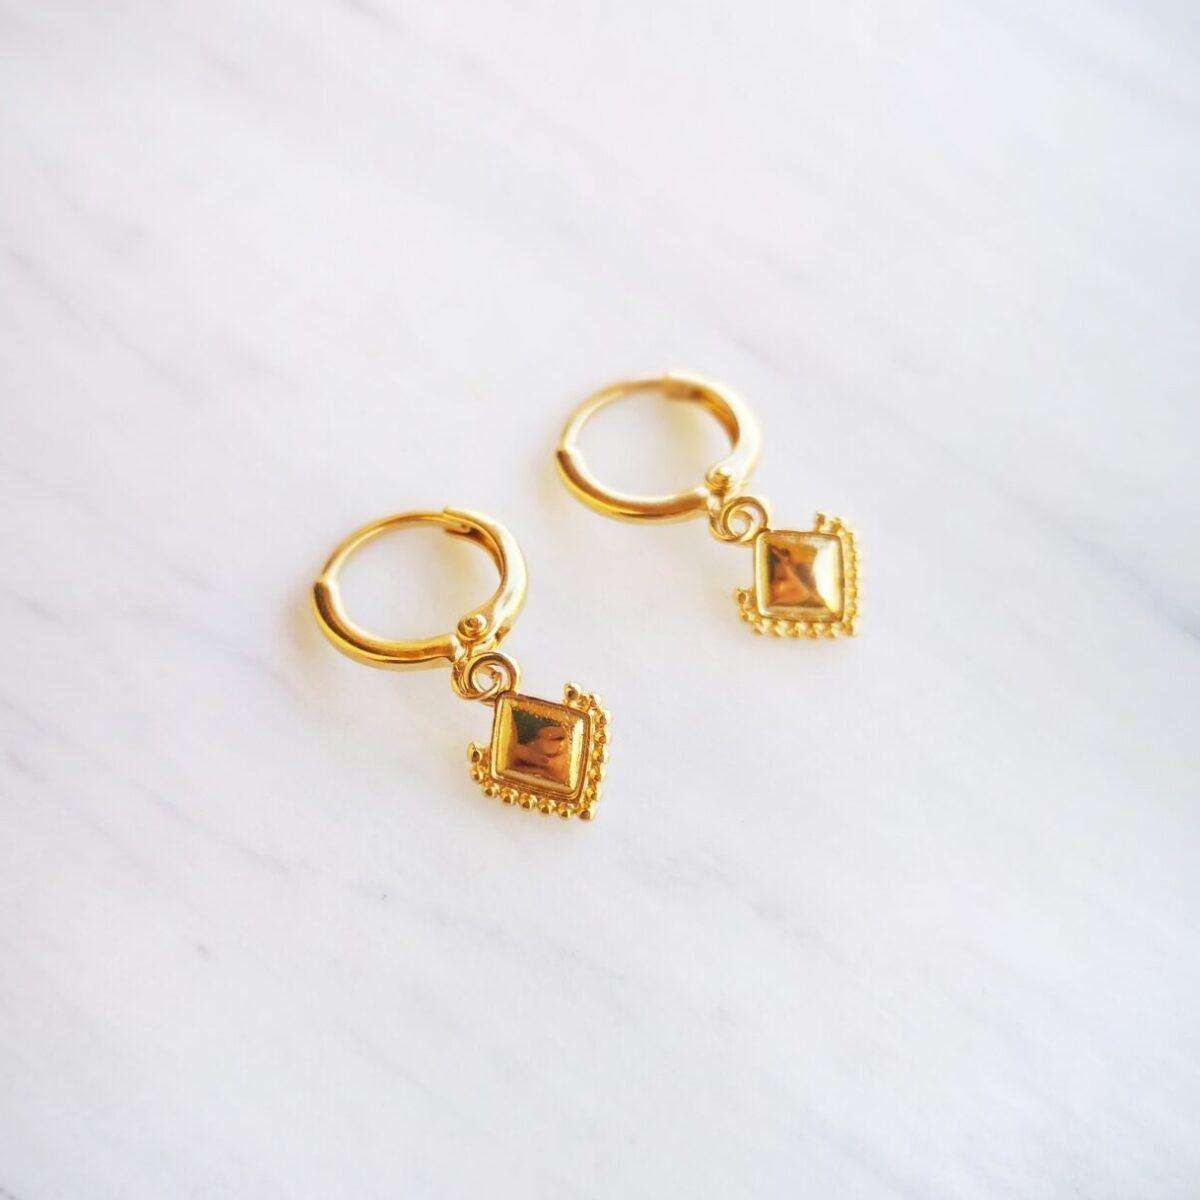 Σκουλαρίκια με μικρούς ρόμβους